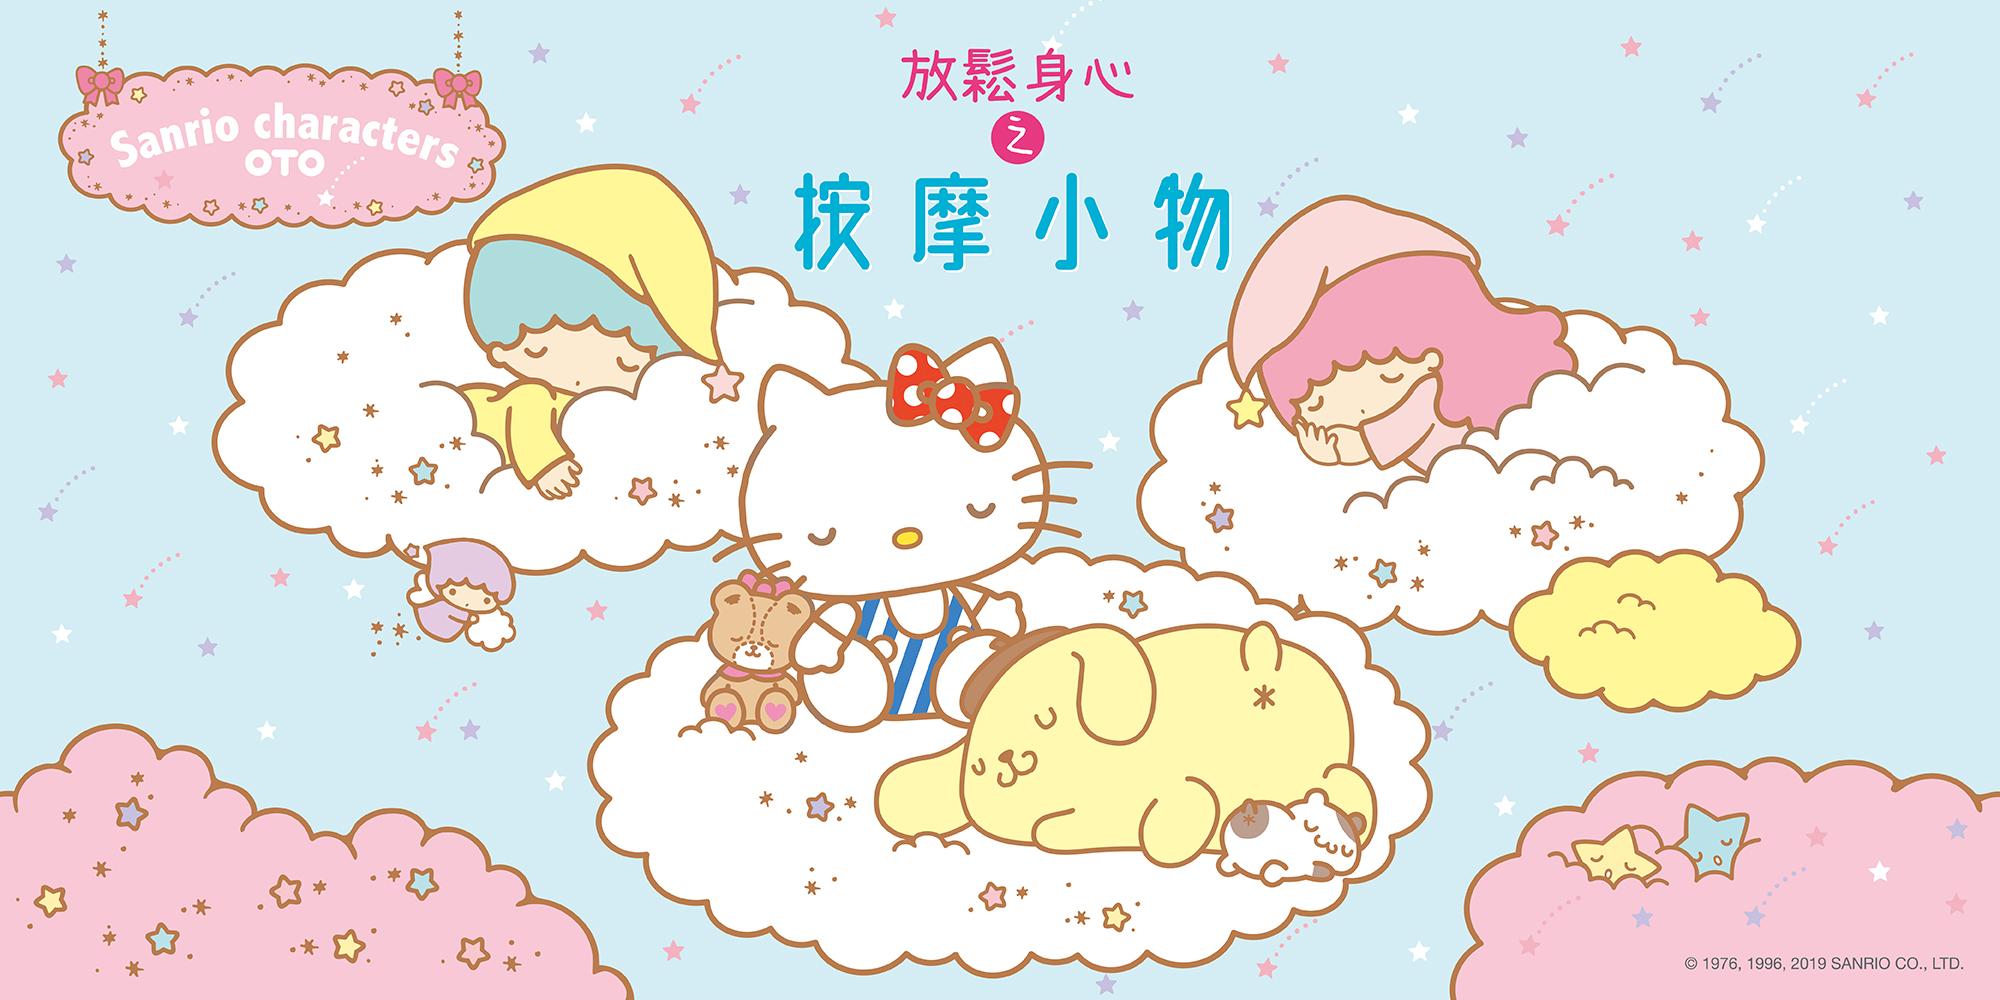 OTO x Sanrio characters 按摩小物